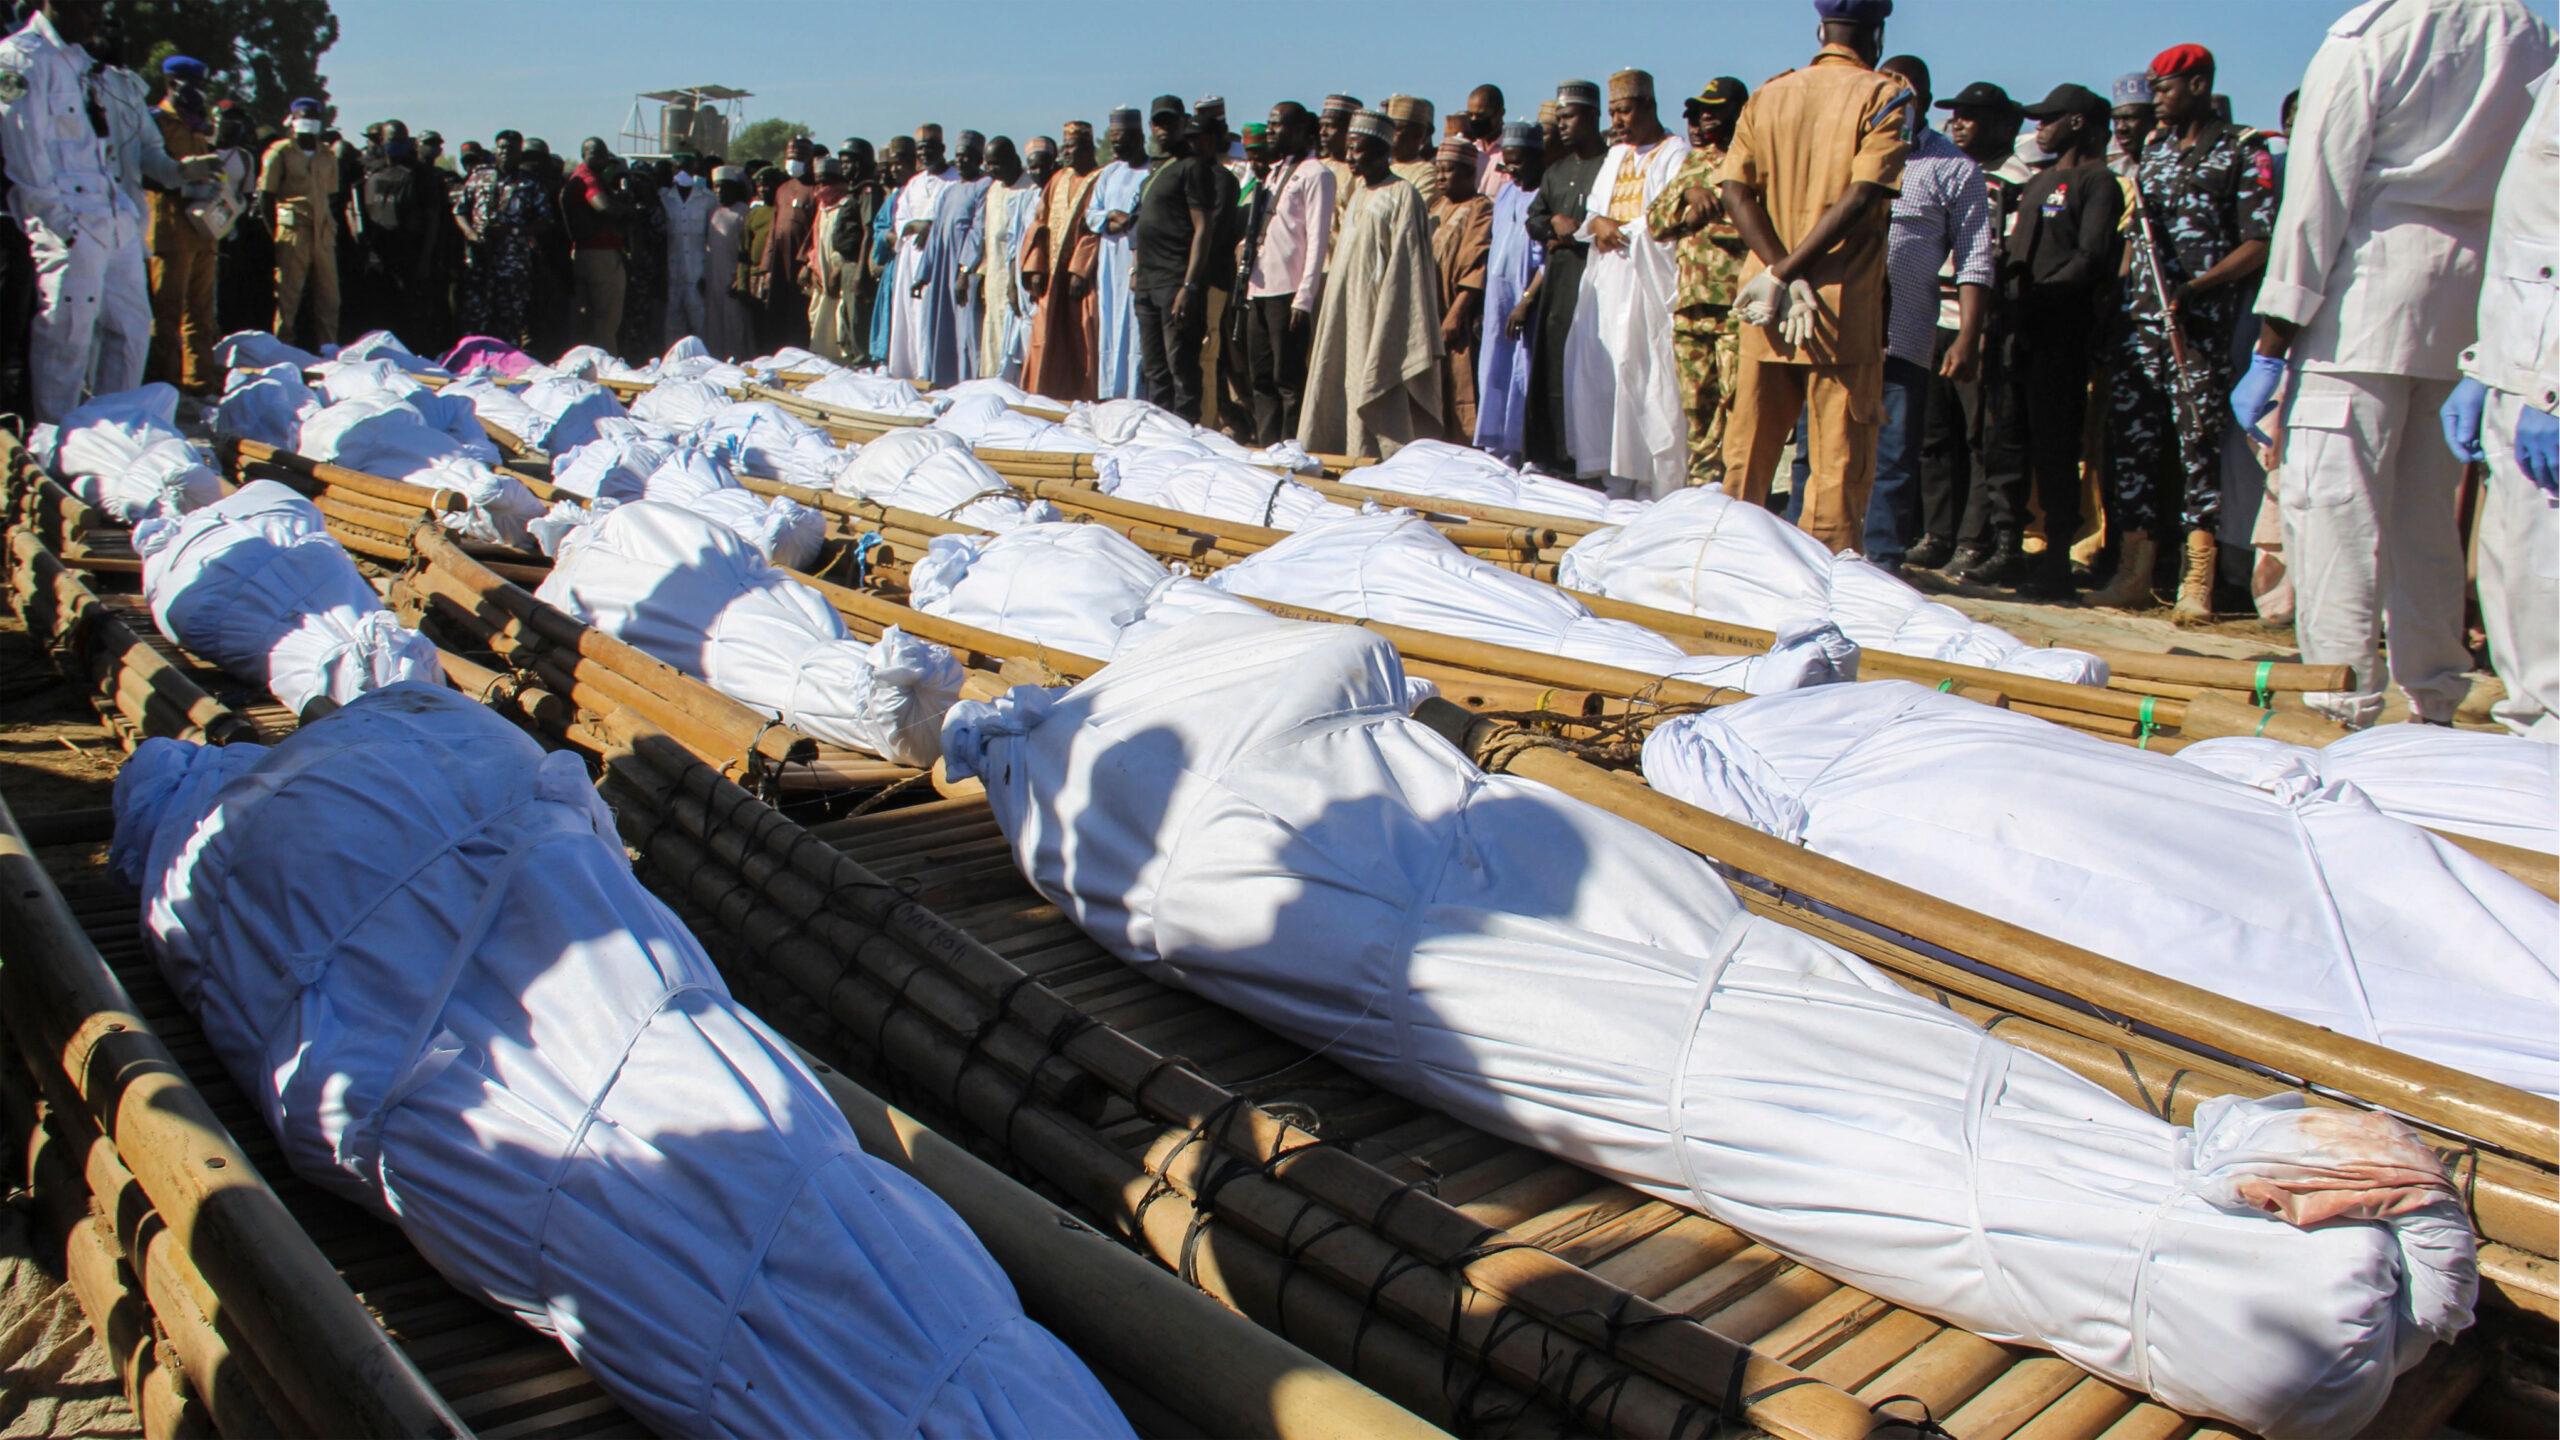 Những người đưa tang tham dự tang lễ của 43 công nhân nông trường ở Zabarmari, cách Maiduguri, Nigeria, khoảng 20 km, vào ngày 29 tháng 11 năm 2020 sau khi họ bị giết bởi các chiến binh Boko Haram trên cánh đồng lúa gần làng Koshobe vào ngày 28 tháng 11 n